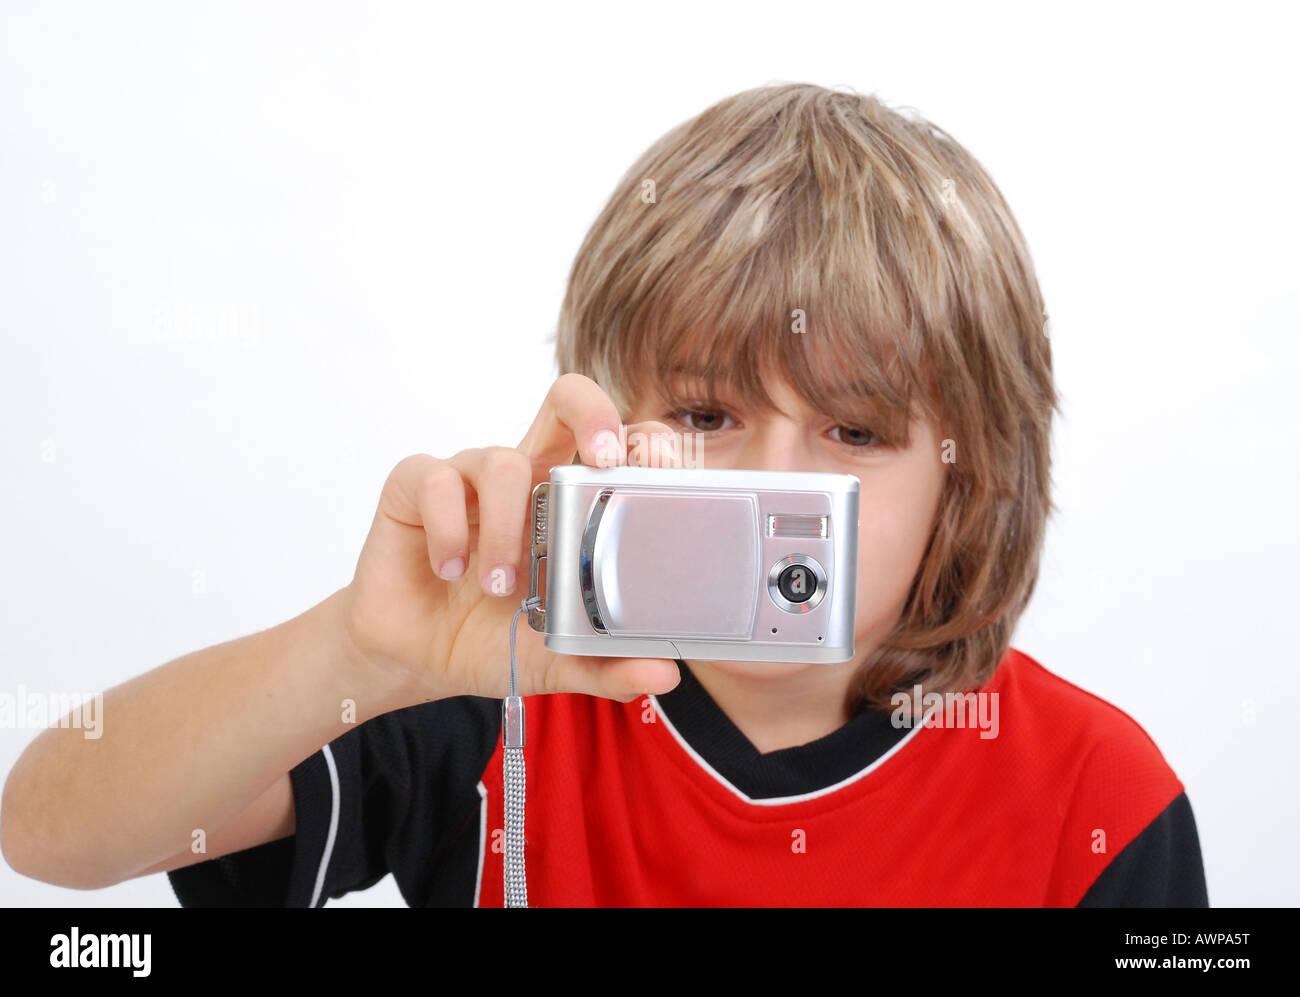 Bente Bild Bilder Digicam digitale Kamera Digitalkamera Foto Foto machen Fotoapparat Boccherini Fotografien fotografieren Immagini Stock